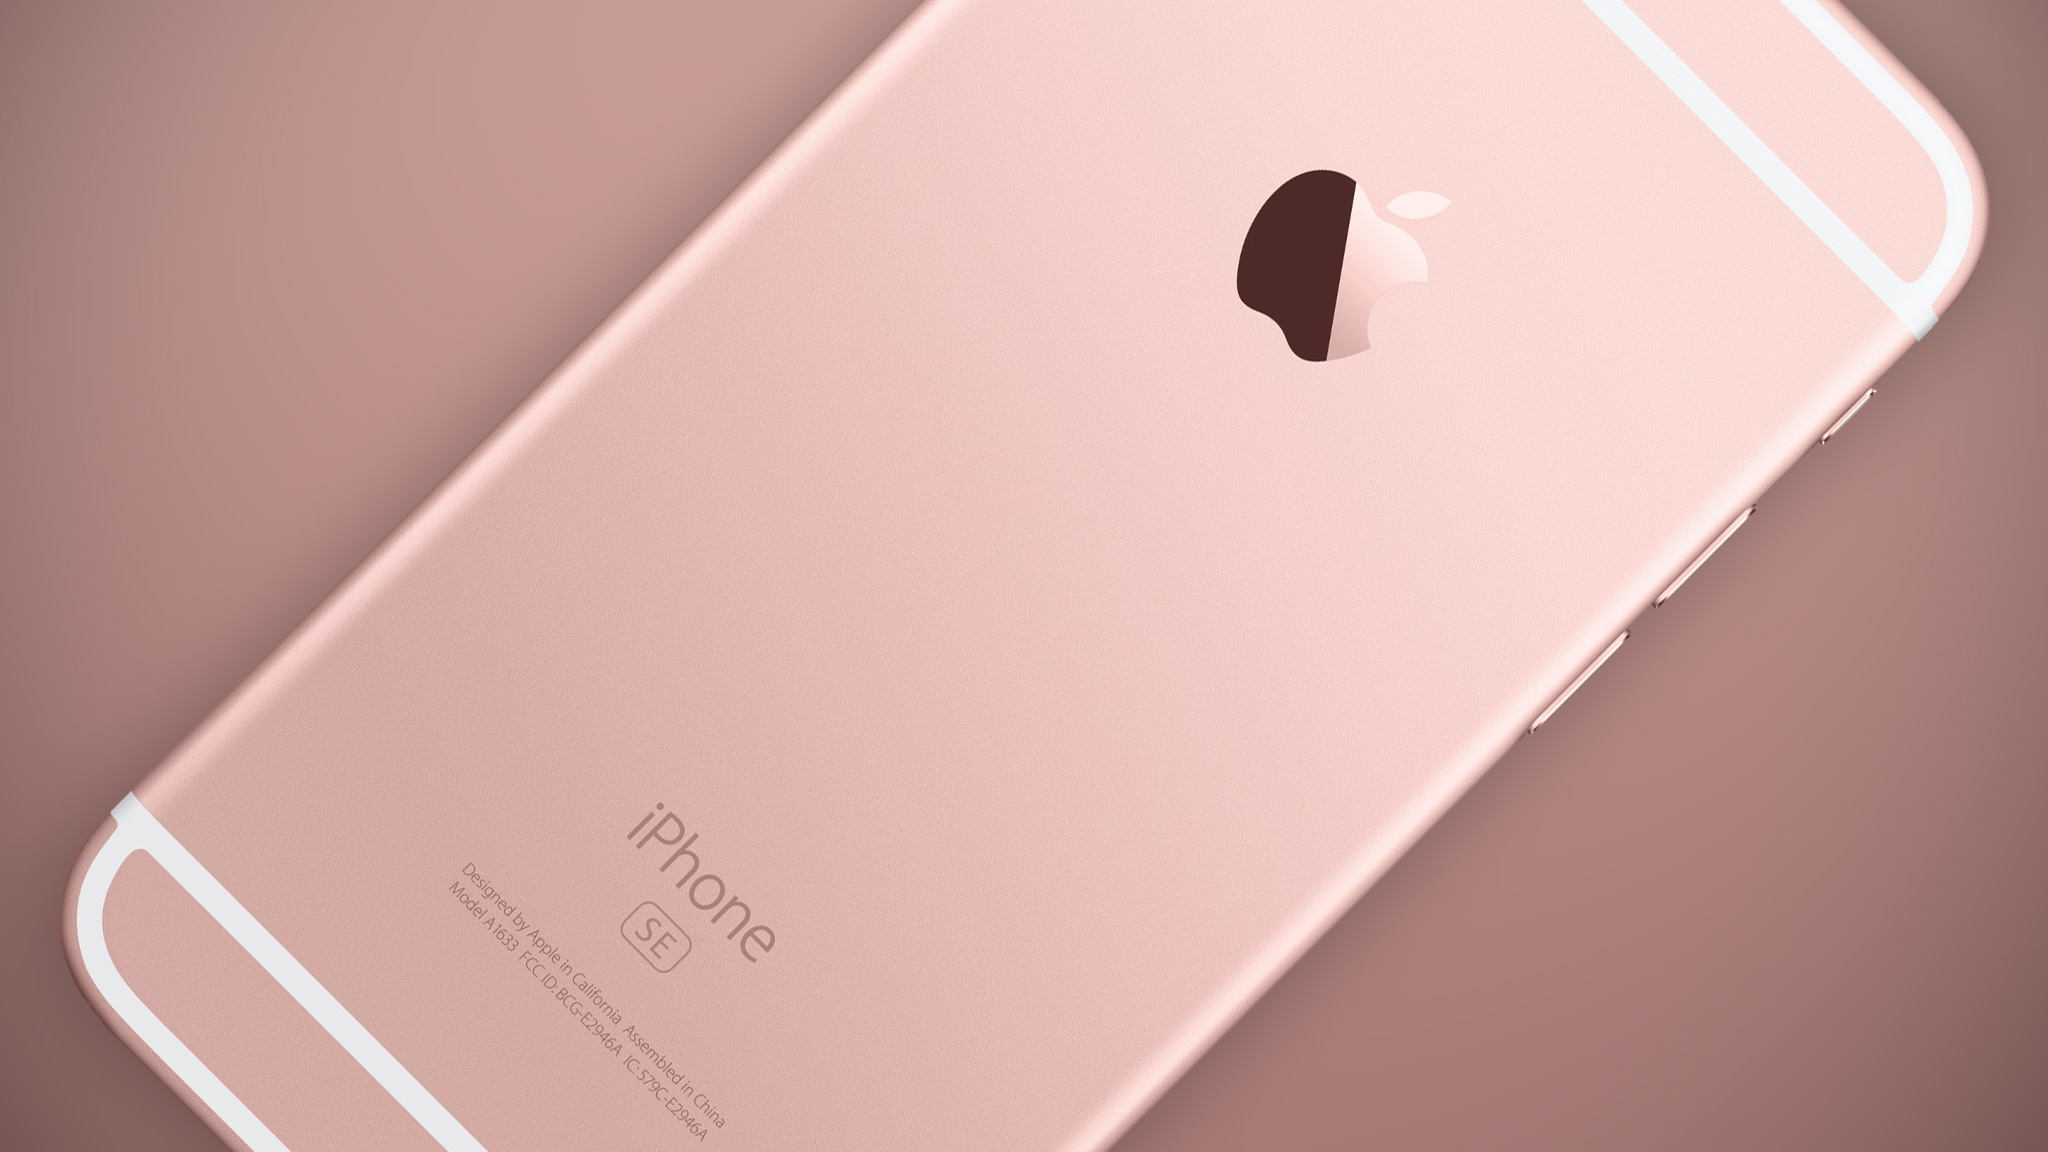 Packing photos iPhone 5se (actually no)